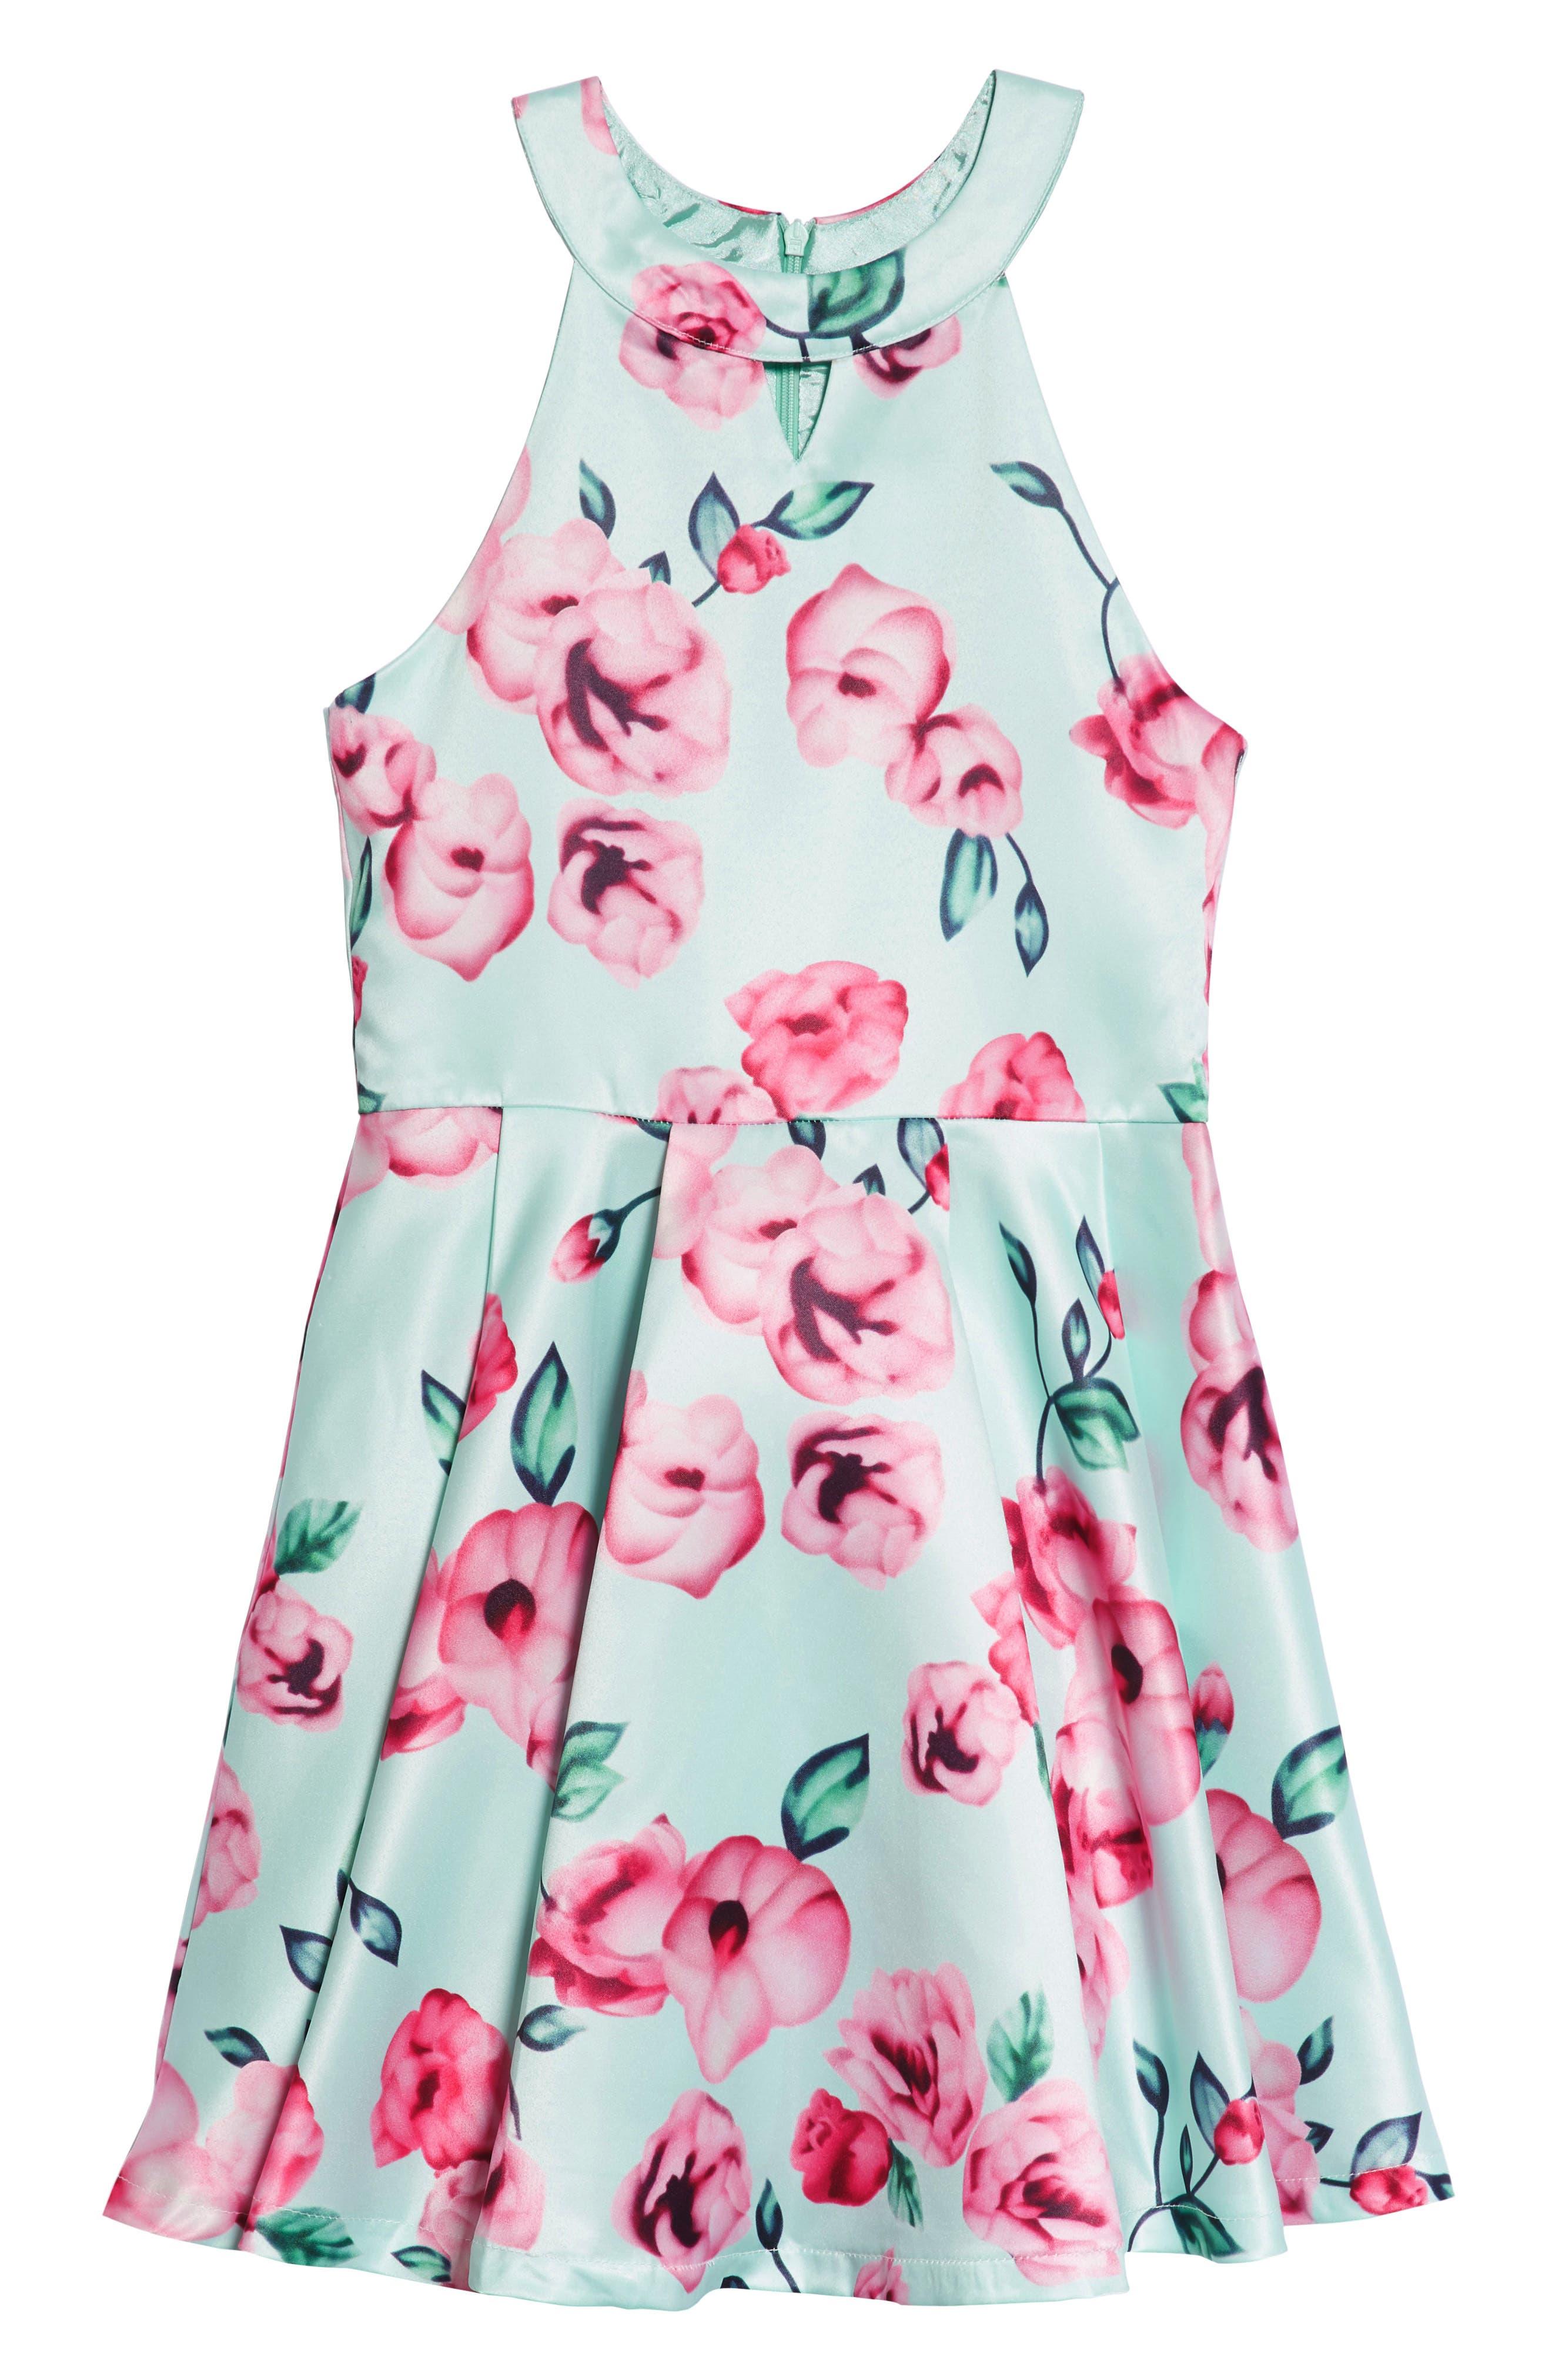 Alternate Image 1 Selected - Elisa B Floral Fit & Flare Dress (Big Girls)